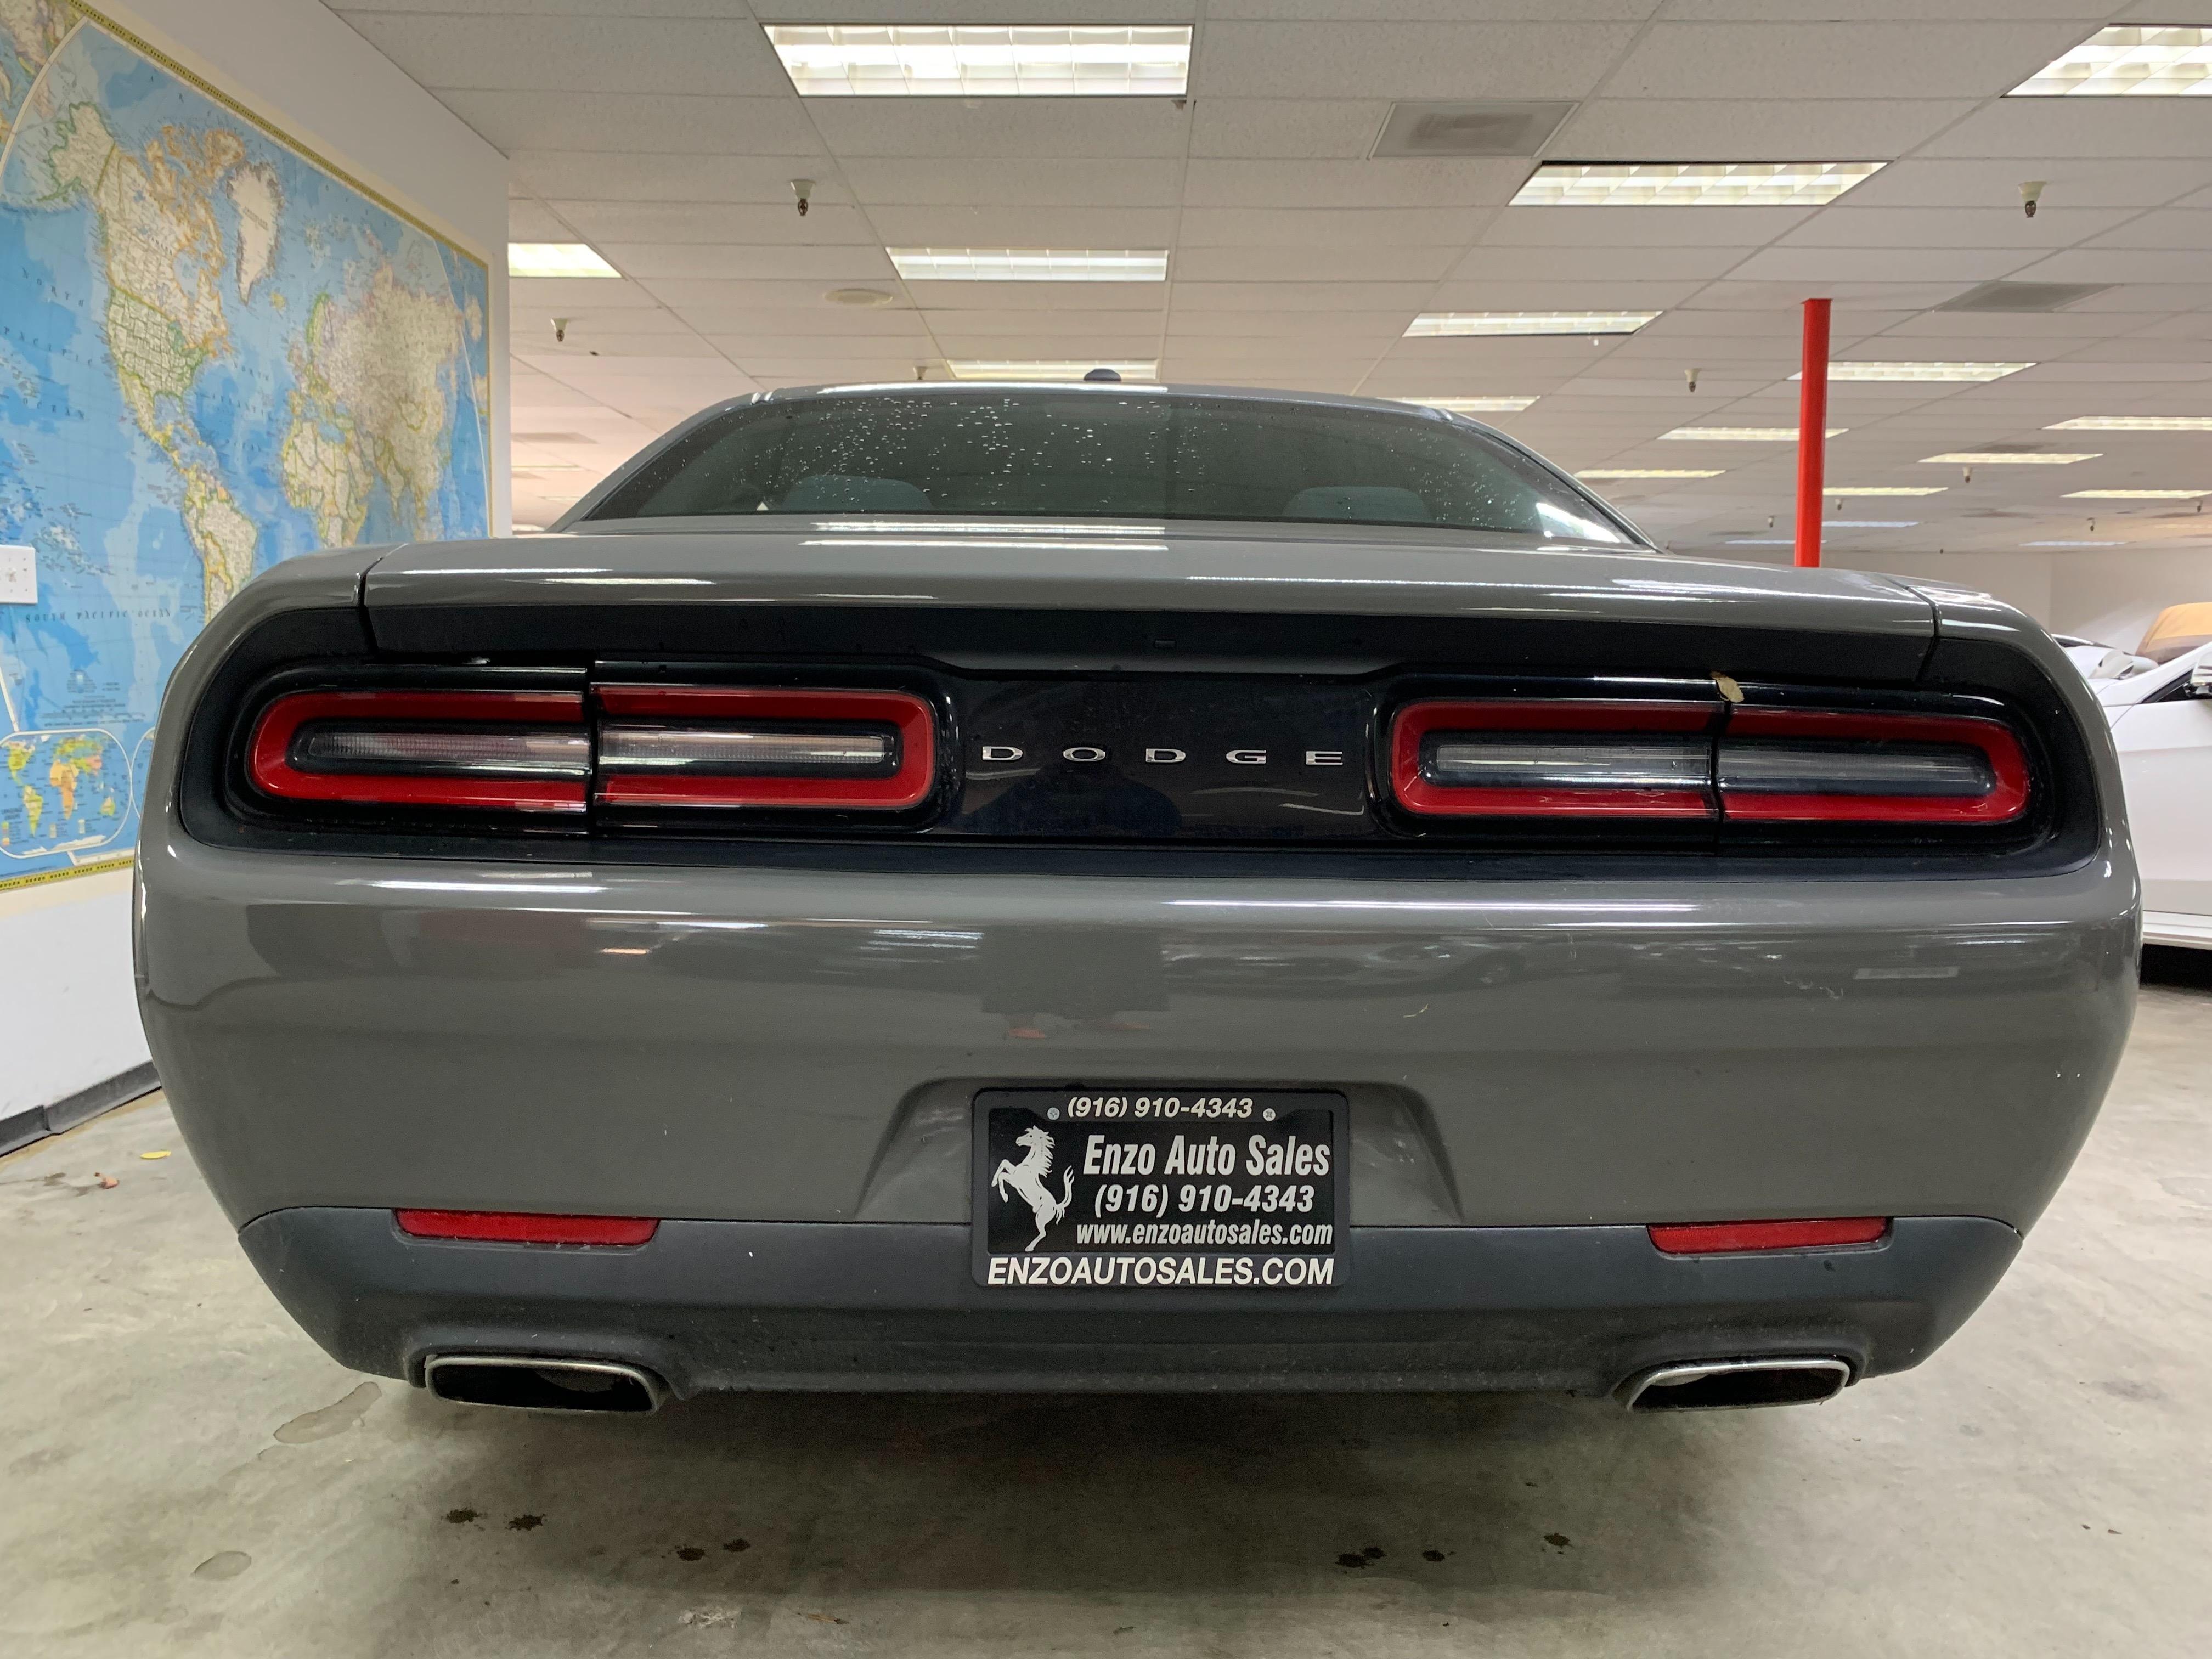 2017 Challenger Sxt >> 2017 Dodge Challenger Sxt